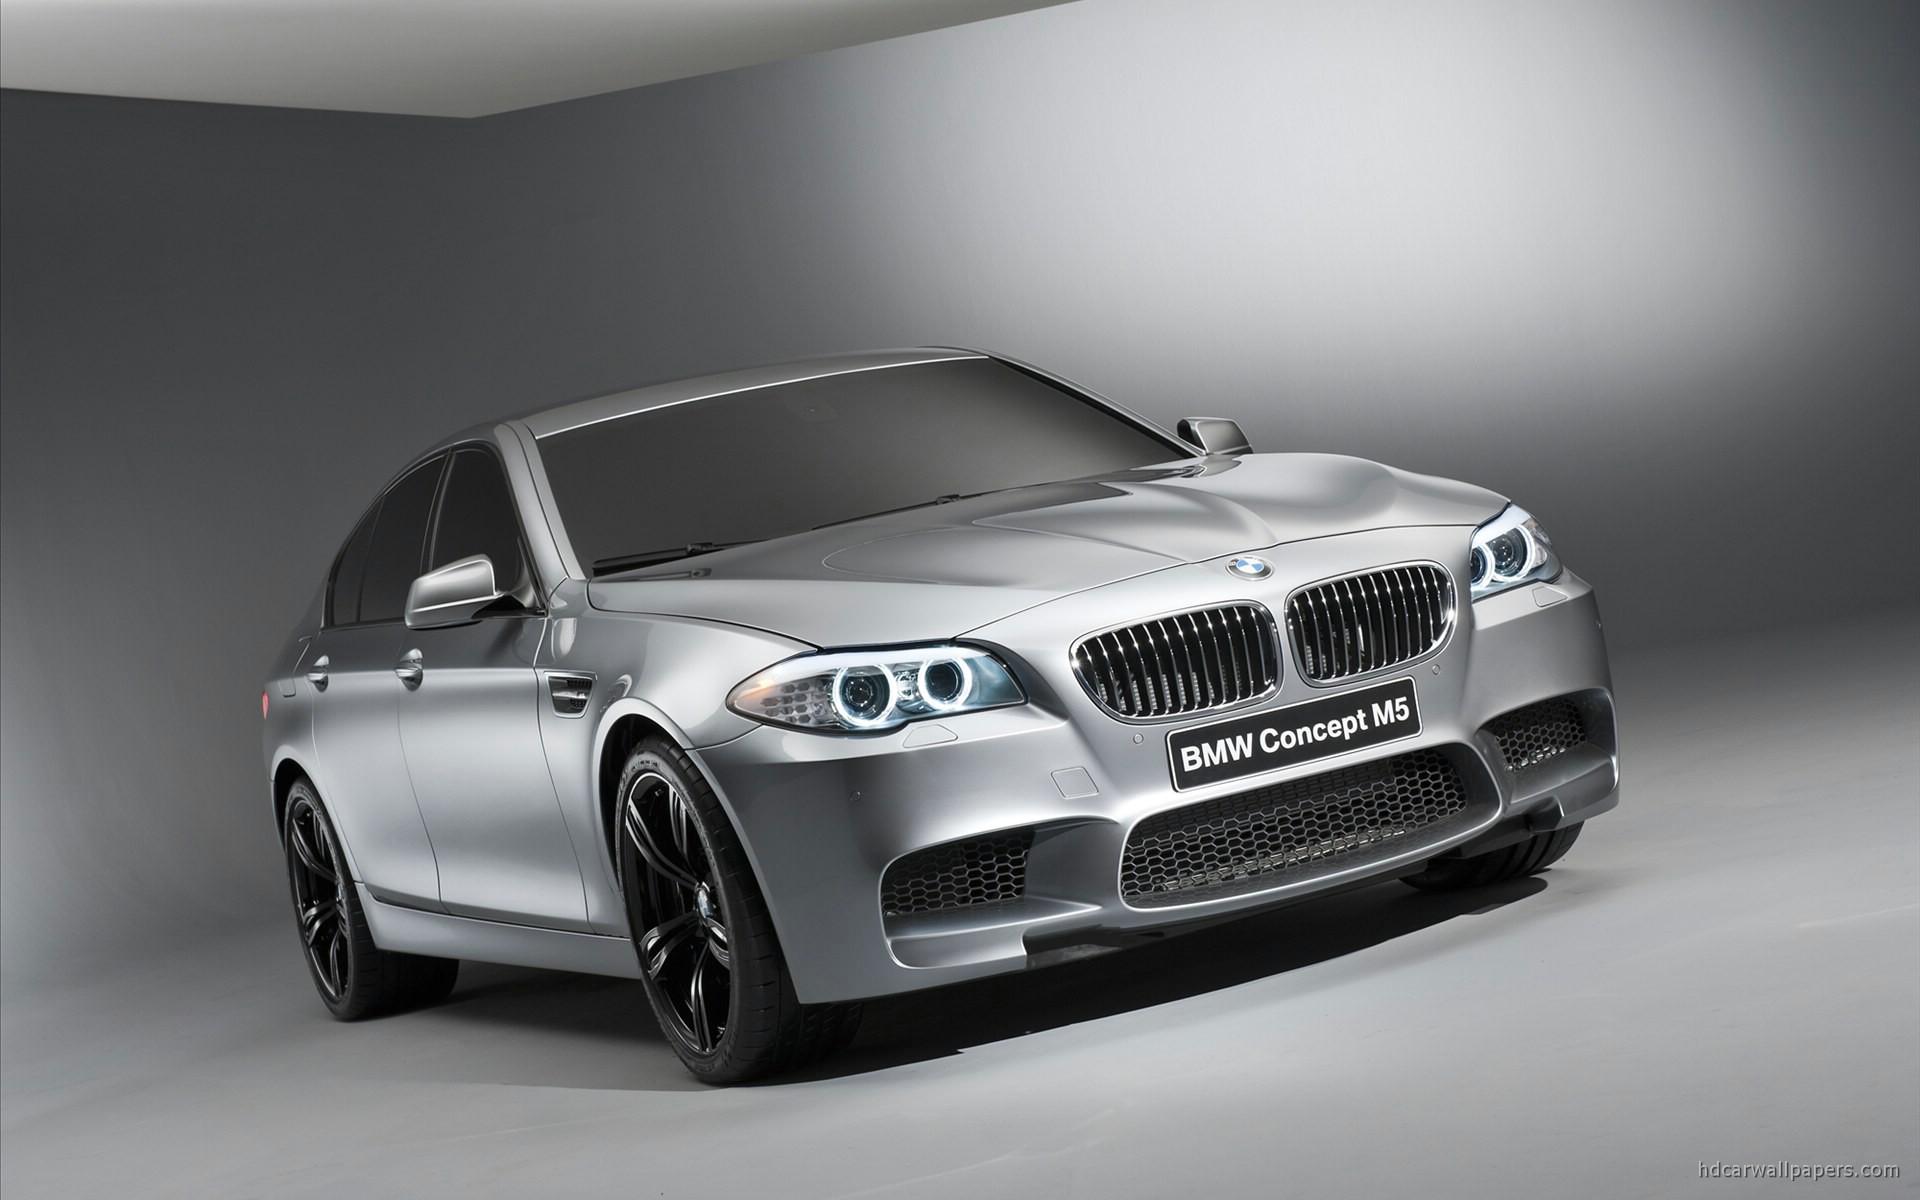 2011 BMW M5 Concept Car